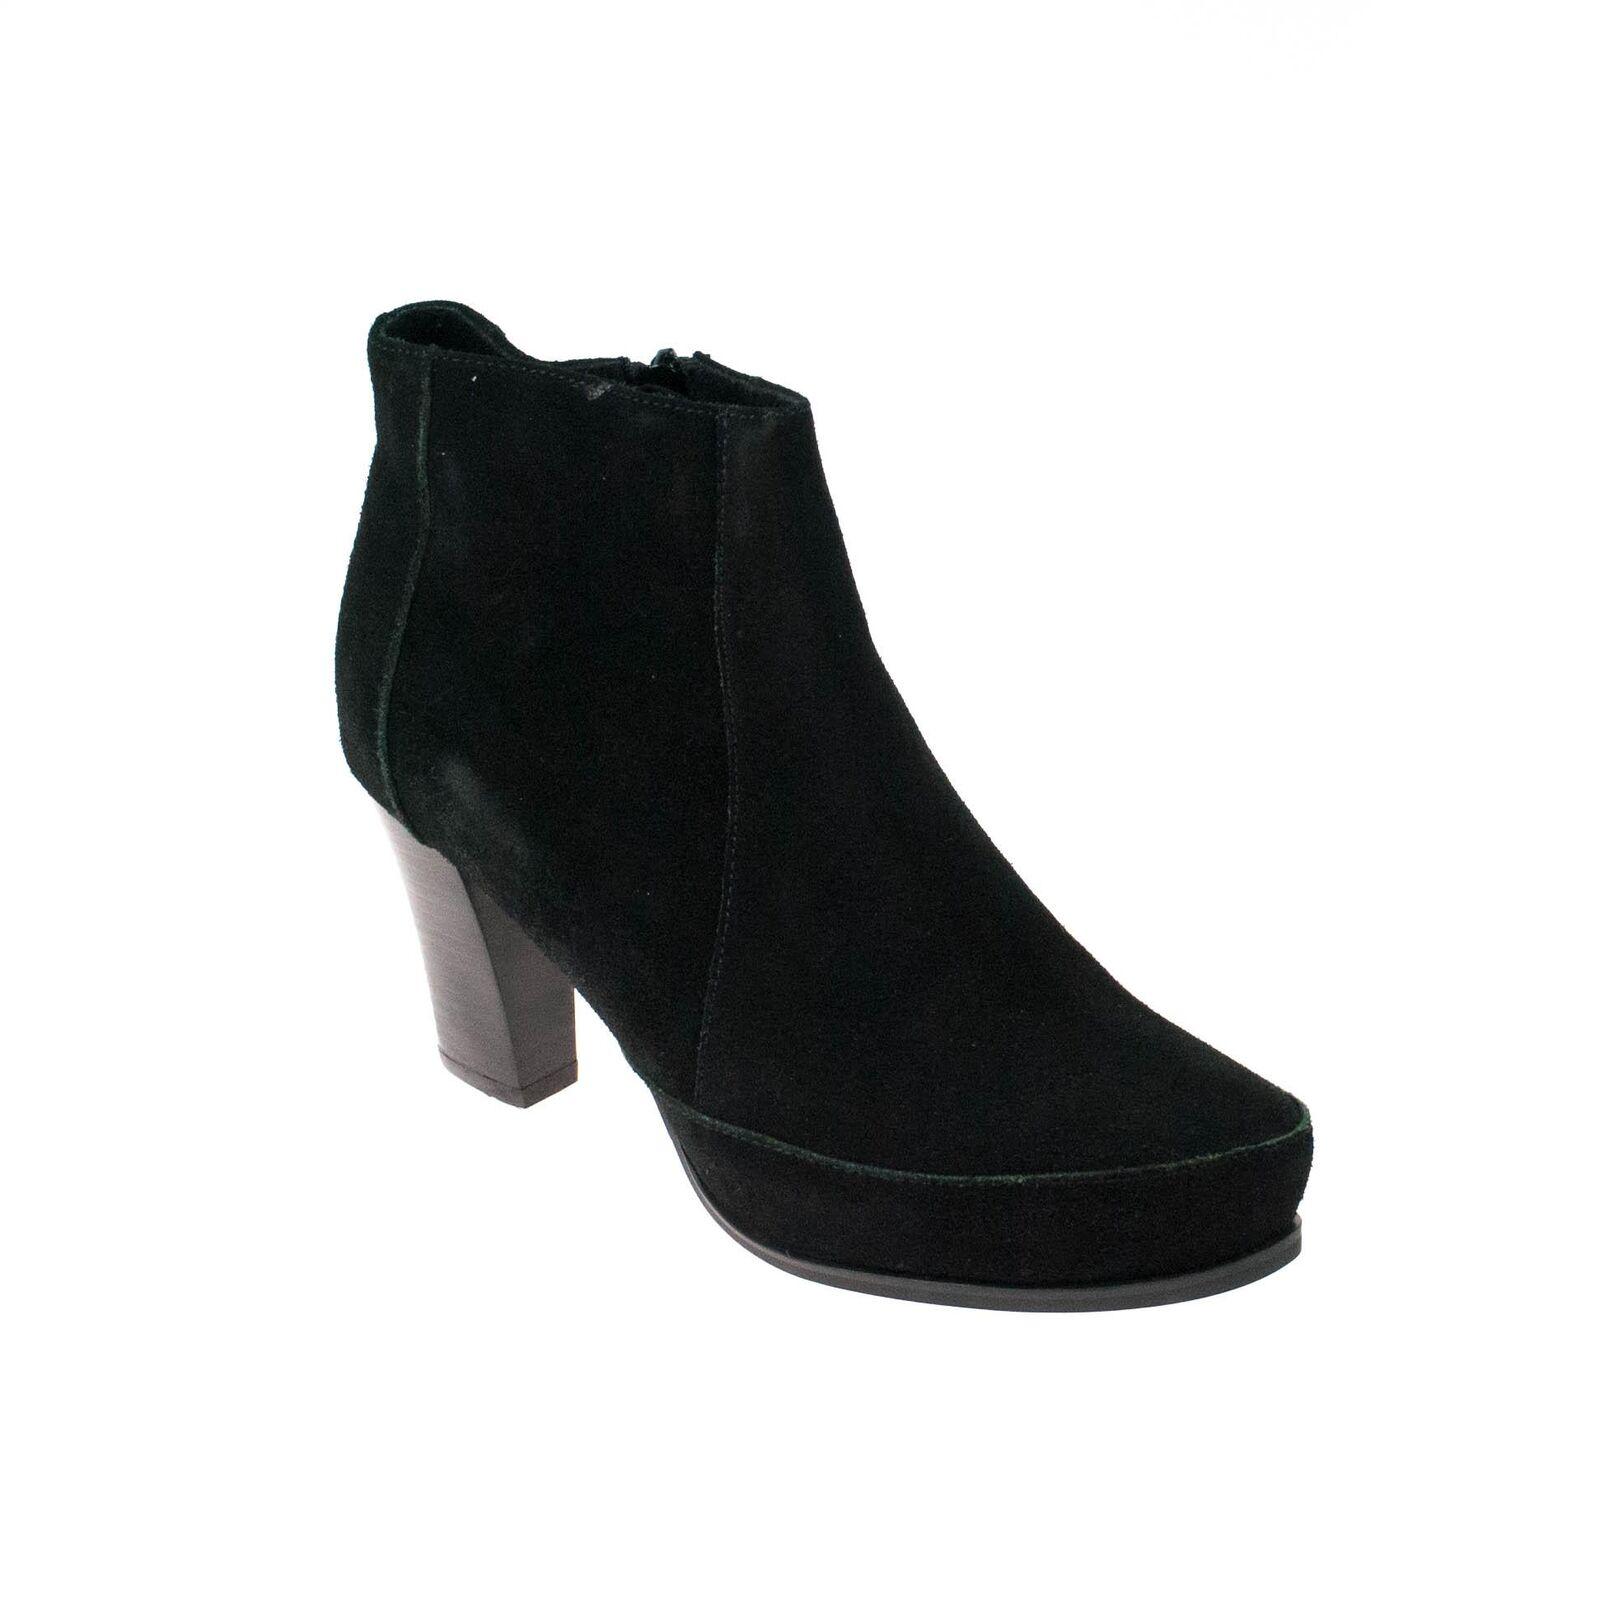 Zapatos especiales con descuento Jina Di Lauro Damen Stiefelette Wildleder Schwarz